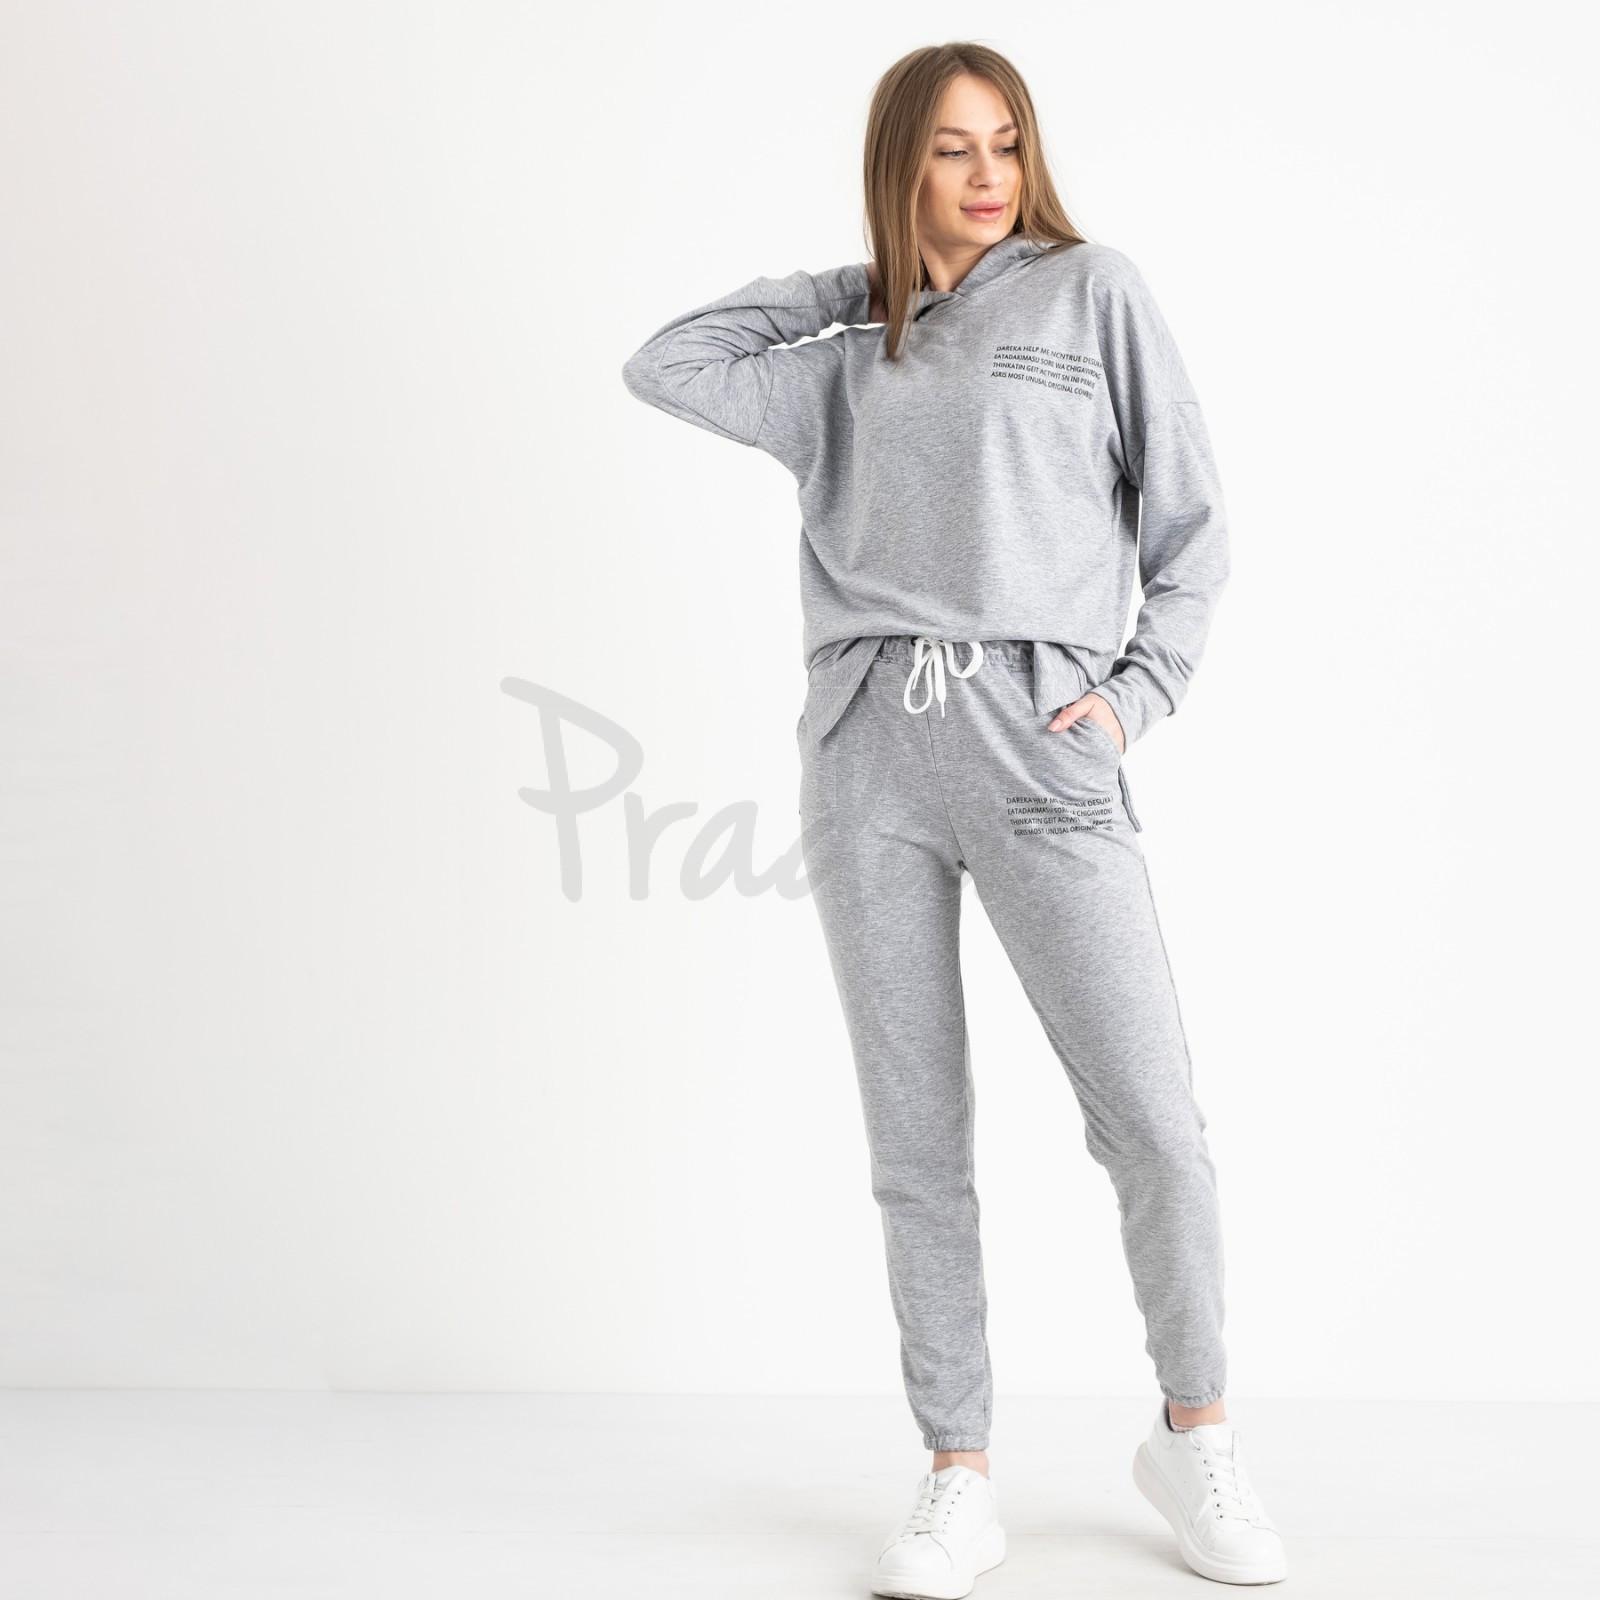 15115-2 Mishely серый женский спортивный костюм из двунитки  (4 ед. размеры: S.M.L.XL)